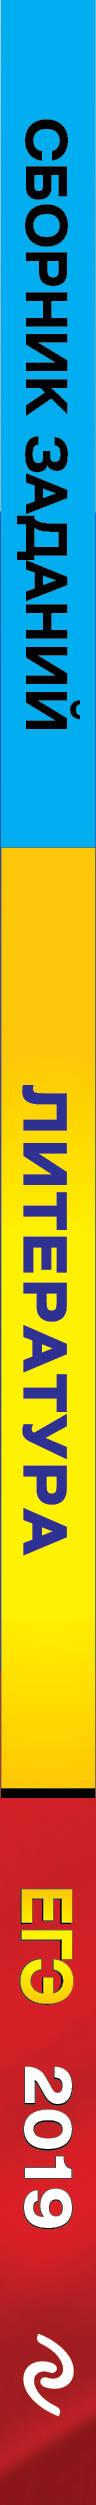 ЕГЭ-2019. Литература. Сборник заданий: 400 заданий с ответами. Самойлова Елена Александровна